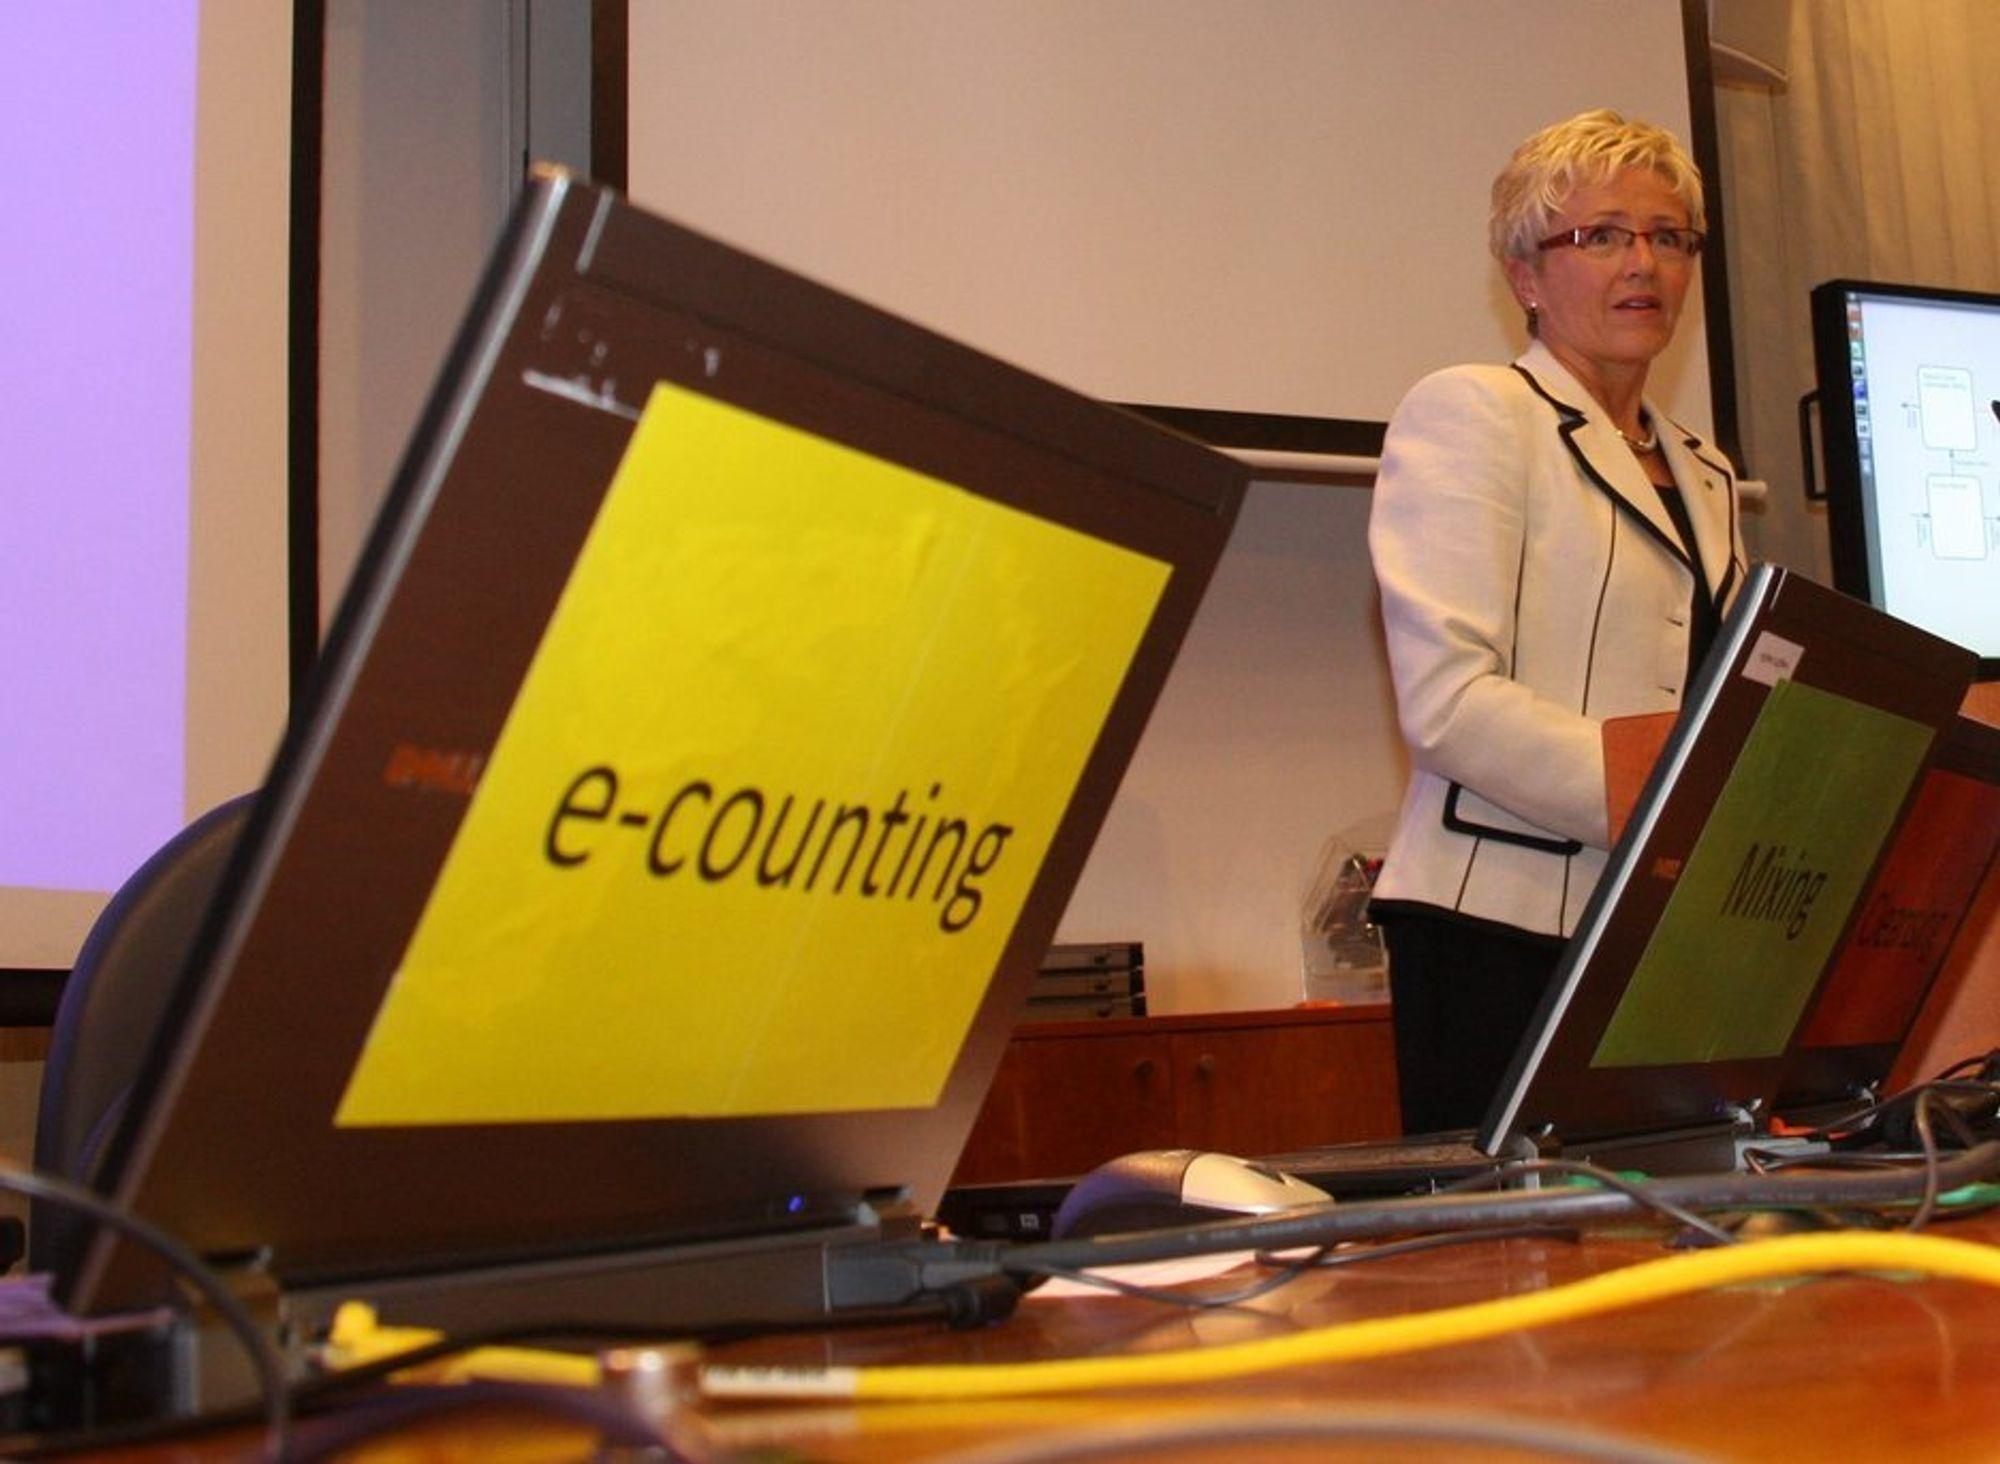 GRANSKES: E-valg 2011 i regi av kommunalminister Liv Signe Navarsetes departement har sterk sikkerhet med det siste innen kryptografi, men nå må fenomenet med velgeren som det svake ledd granskes.